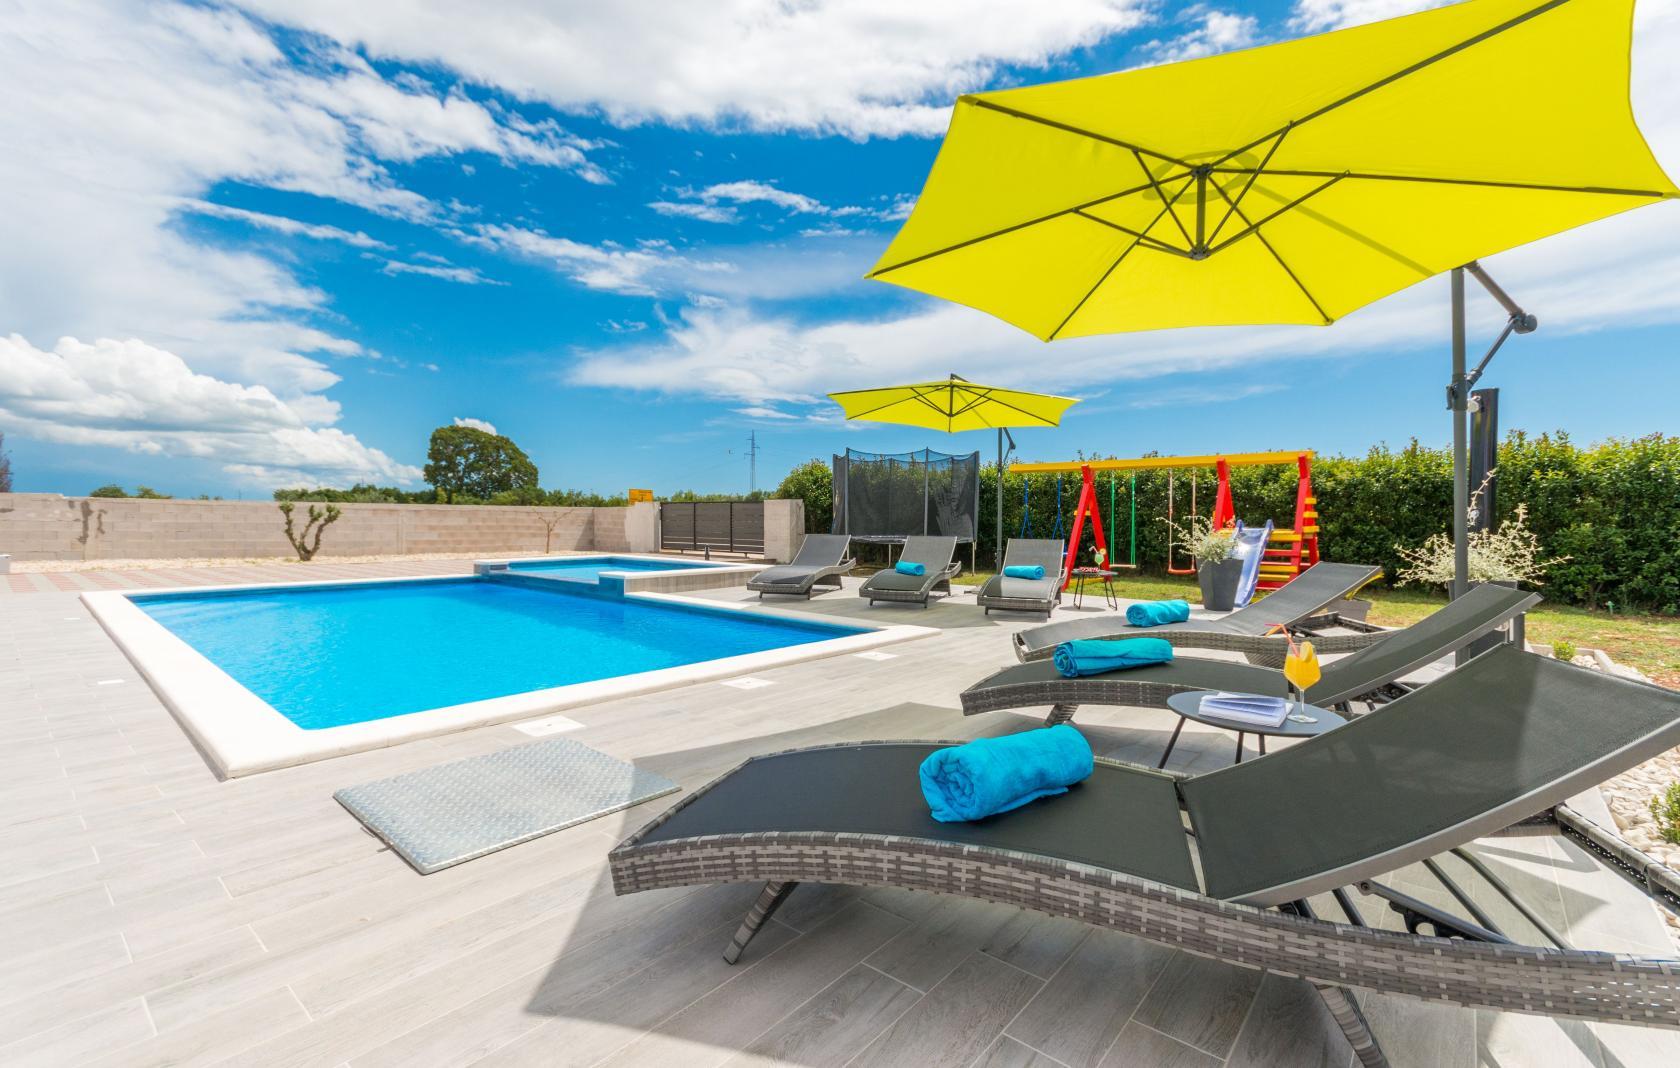 Villa Maris, Tinj, 8 persons, playground  for children, trampoline, www.zadarvillas.com